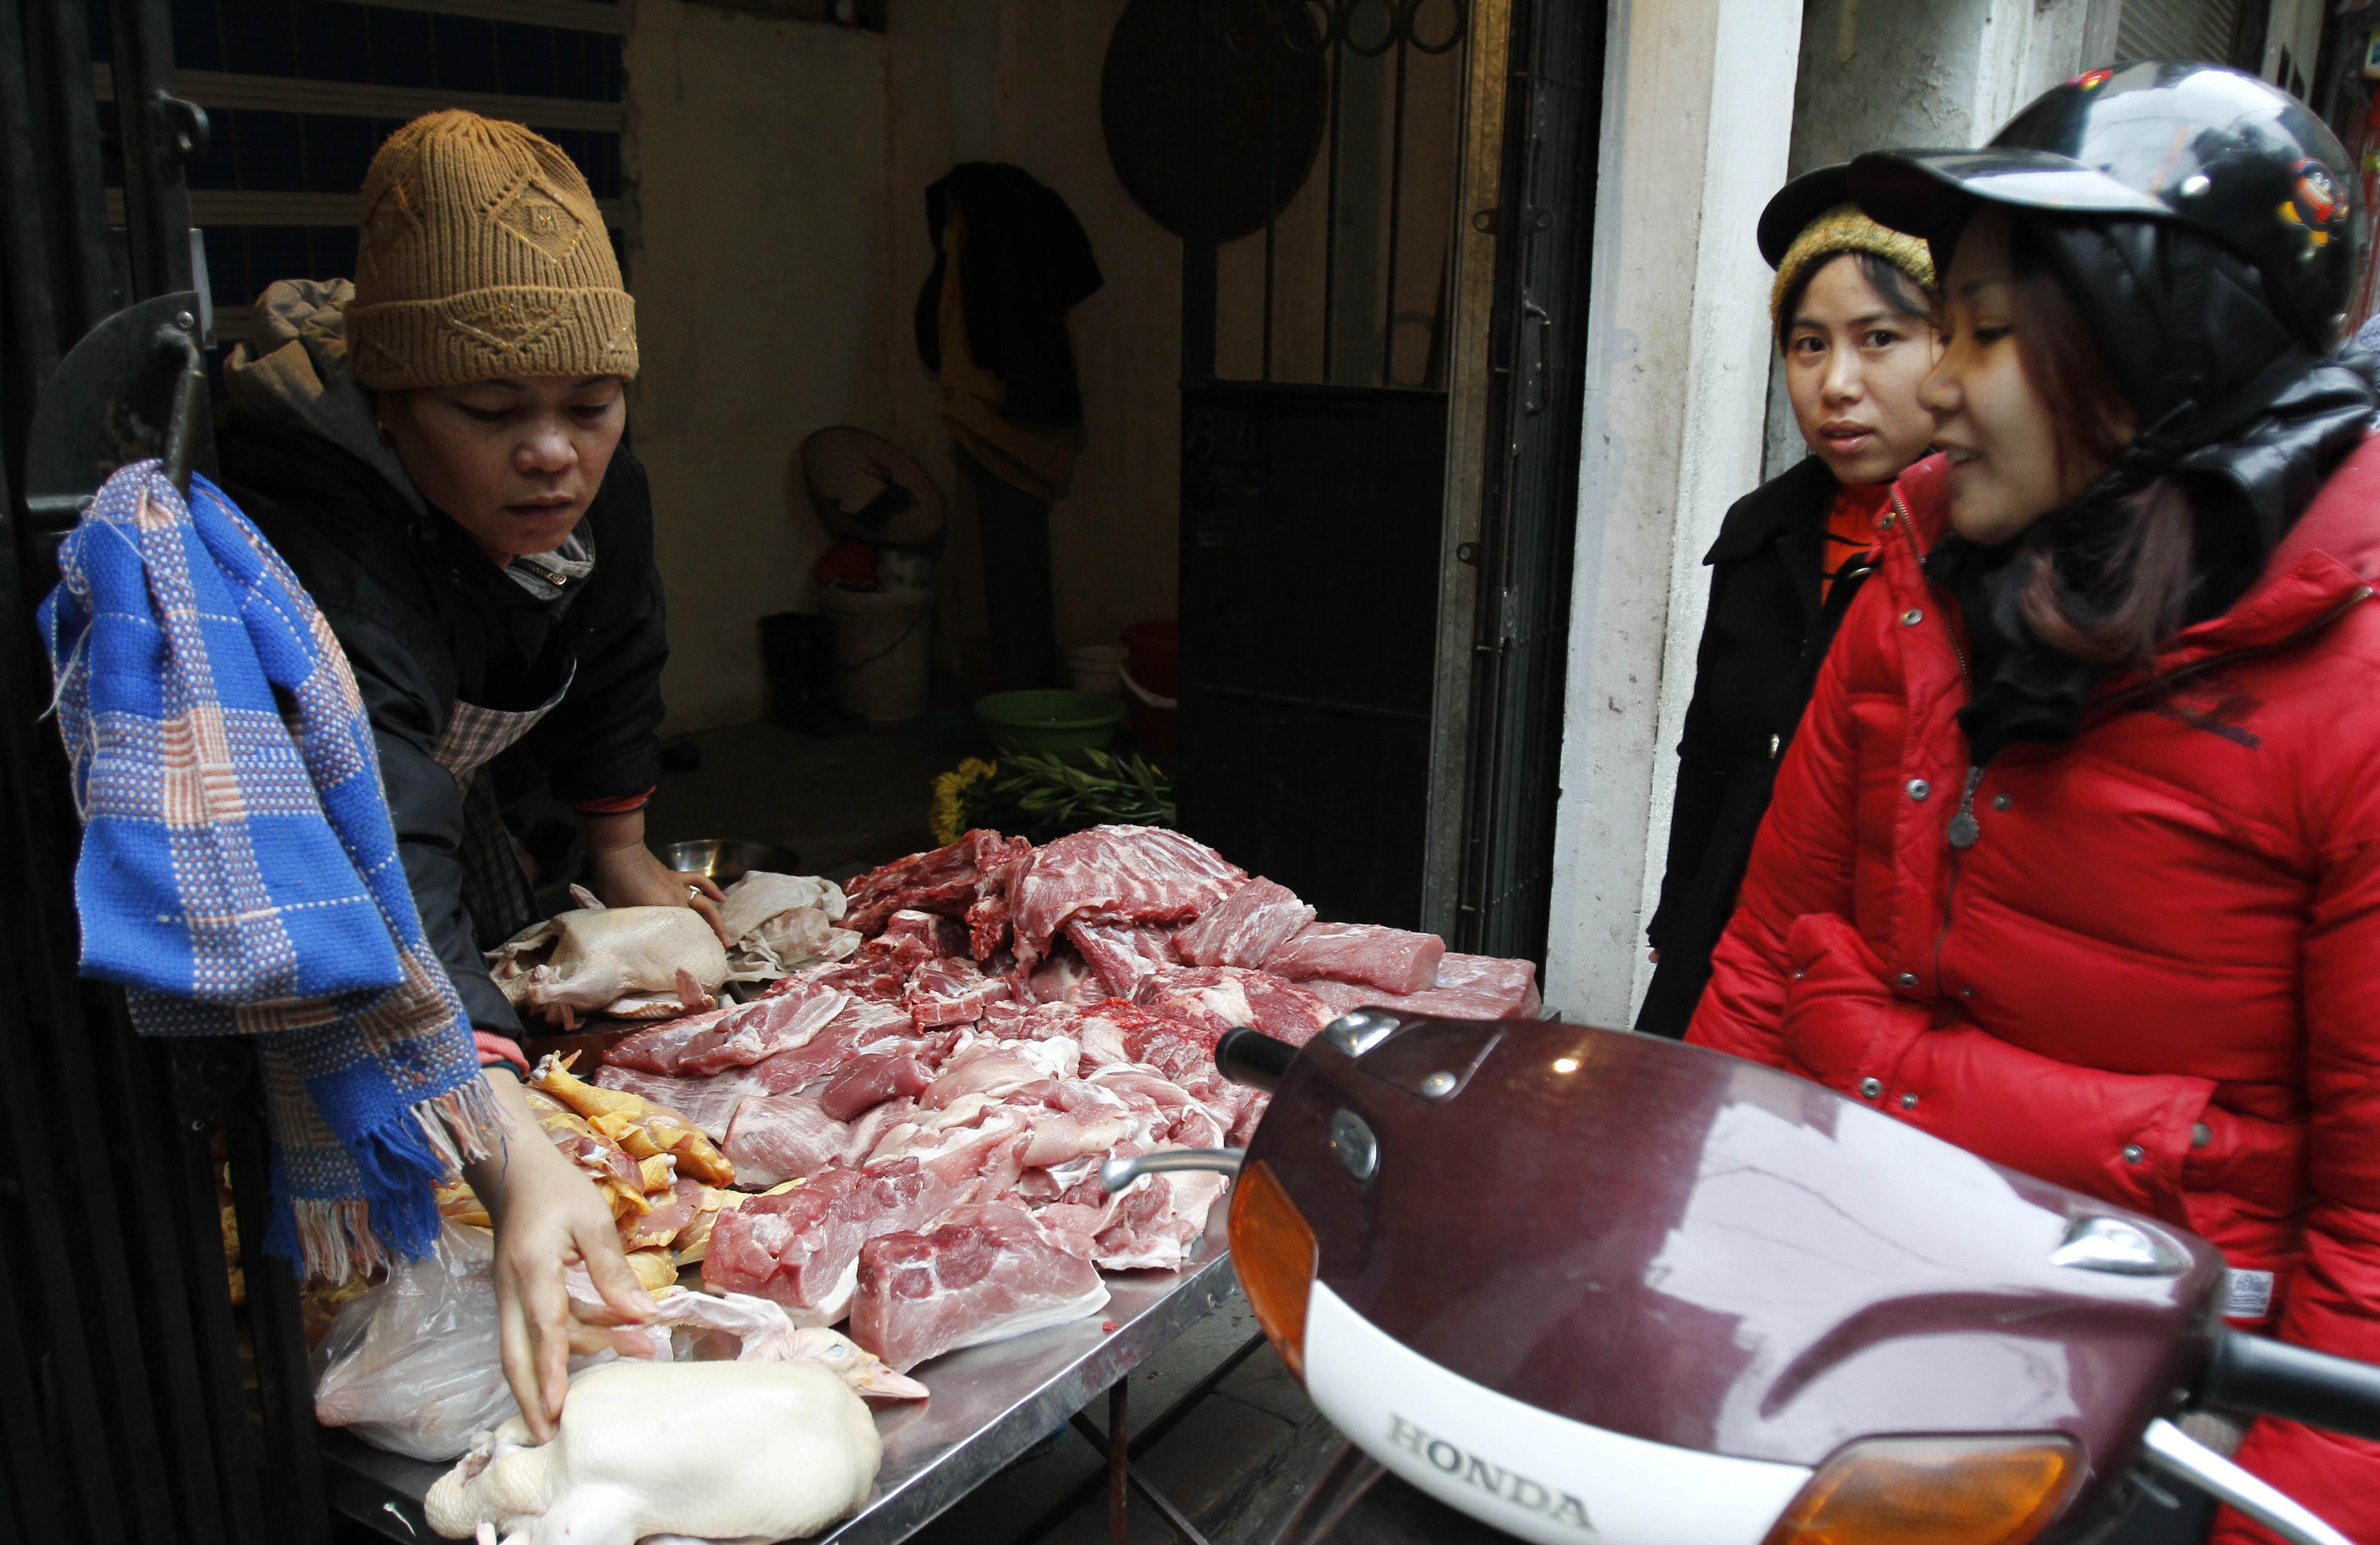 Giá thịt lợn cao, người dân rủ nhau mua gom lợn quê Ảnh 1